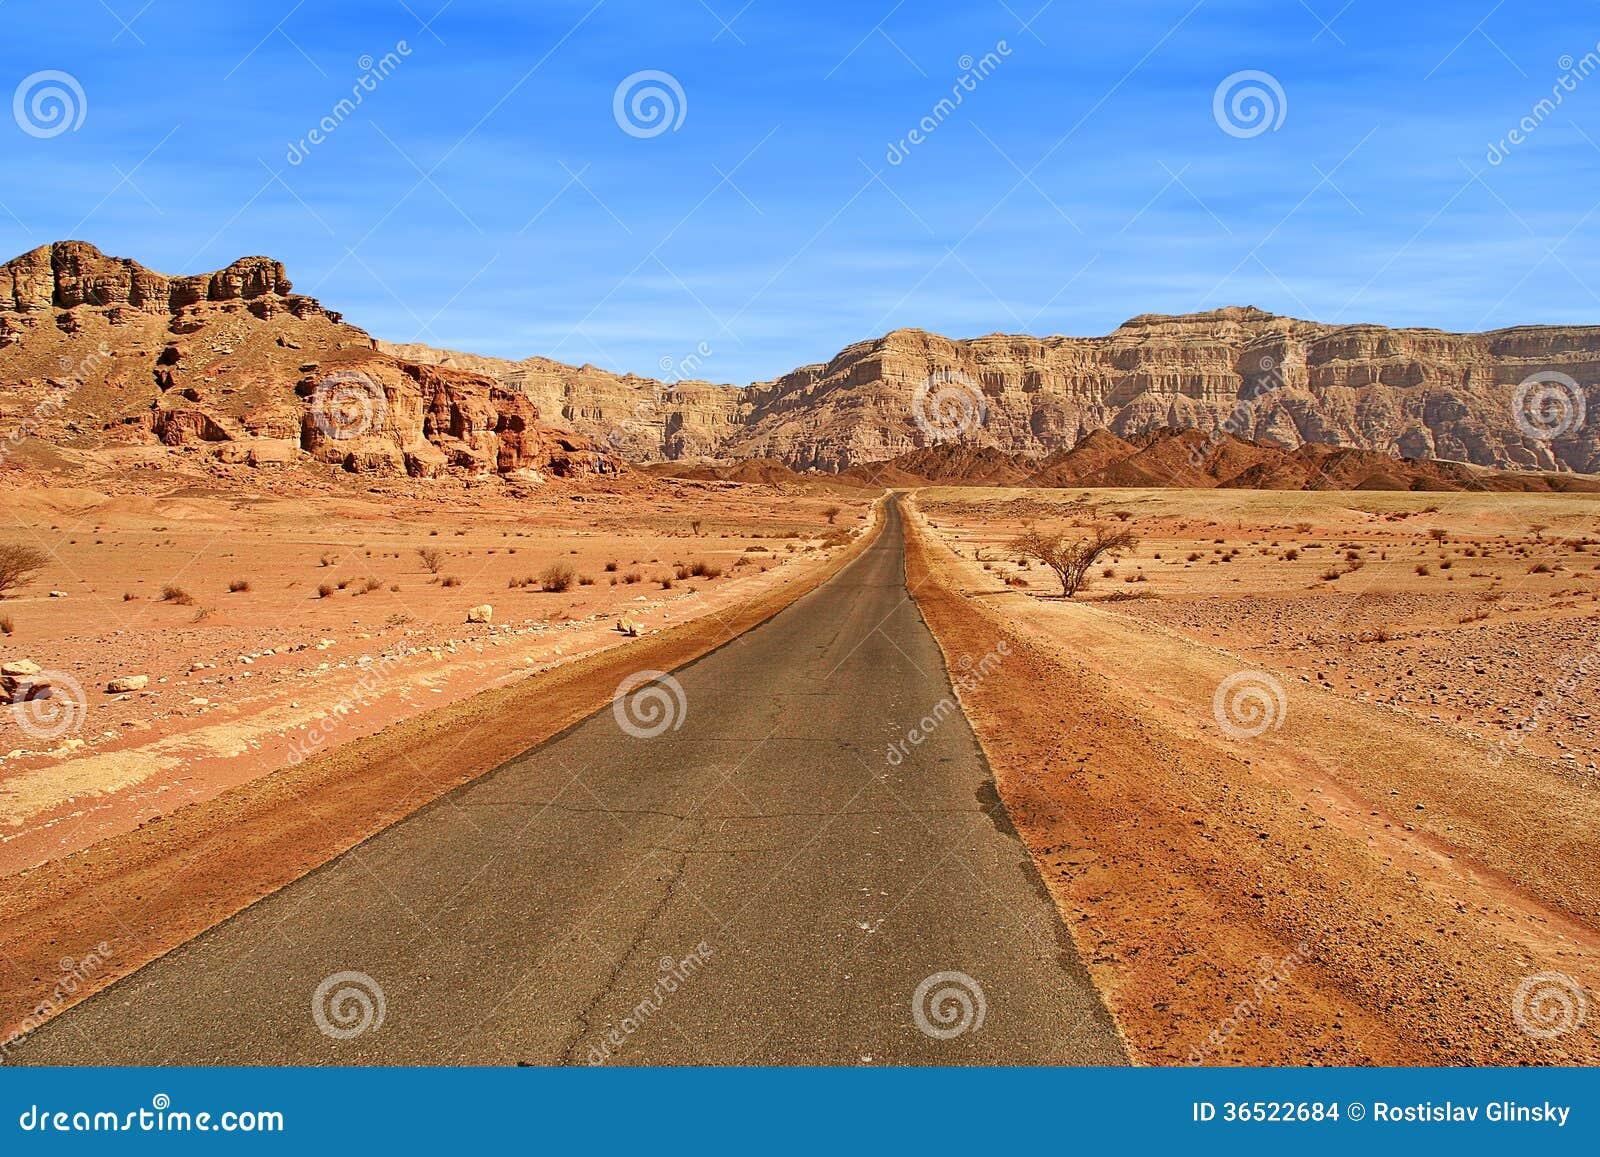 Route par les montagnes rouges en Israël.